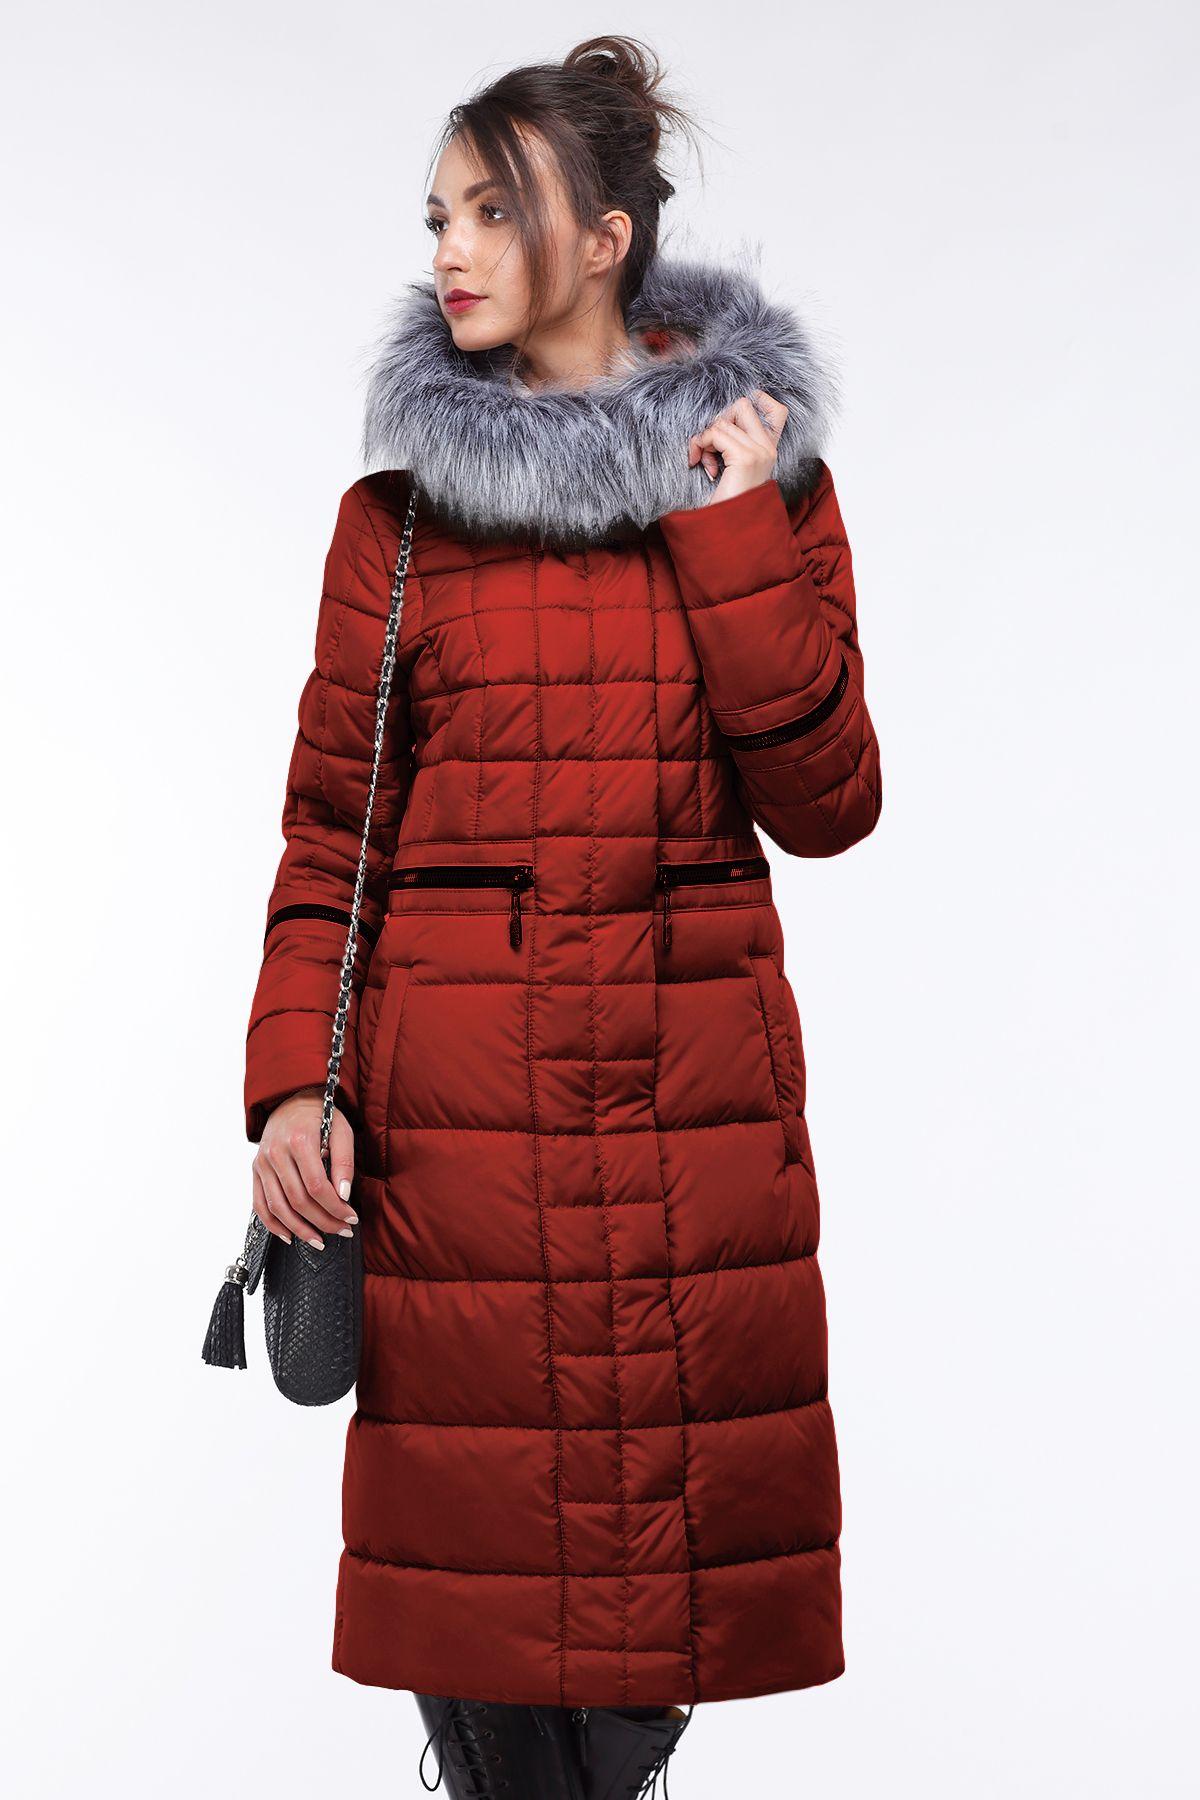 7d836e4108ac Женский длинный пуховик пальто с мехом Амина от Nui Very - длинная куртка  зима, женская